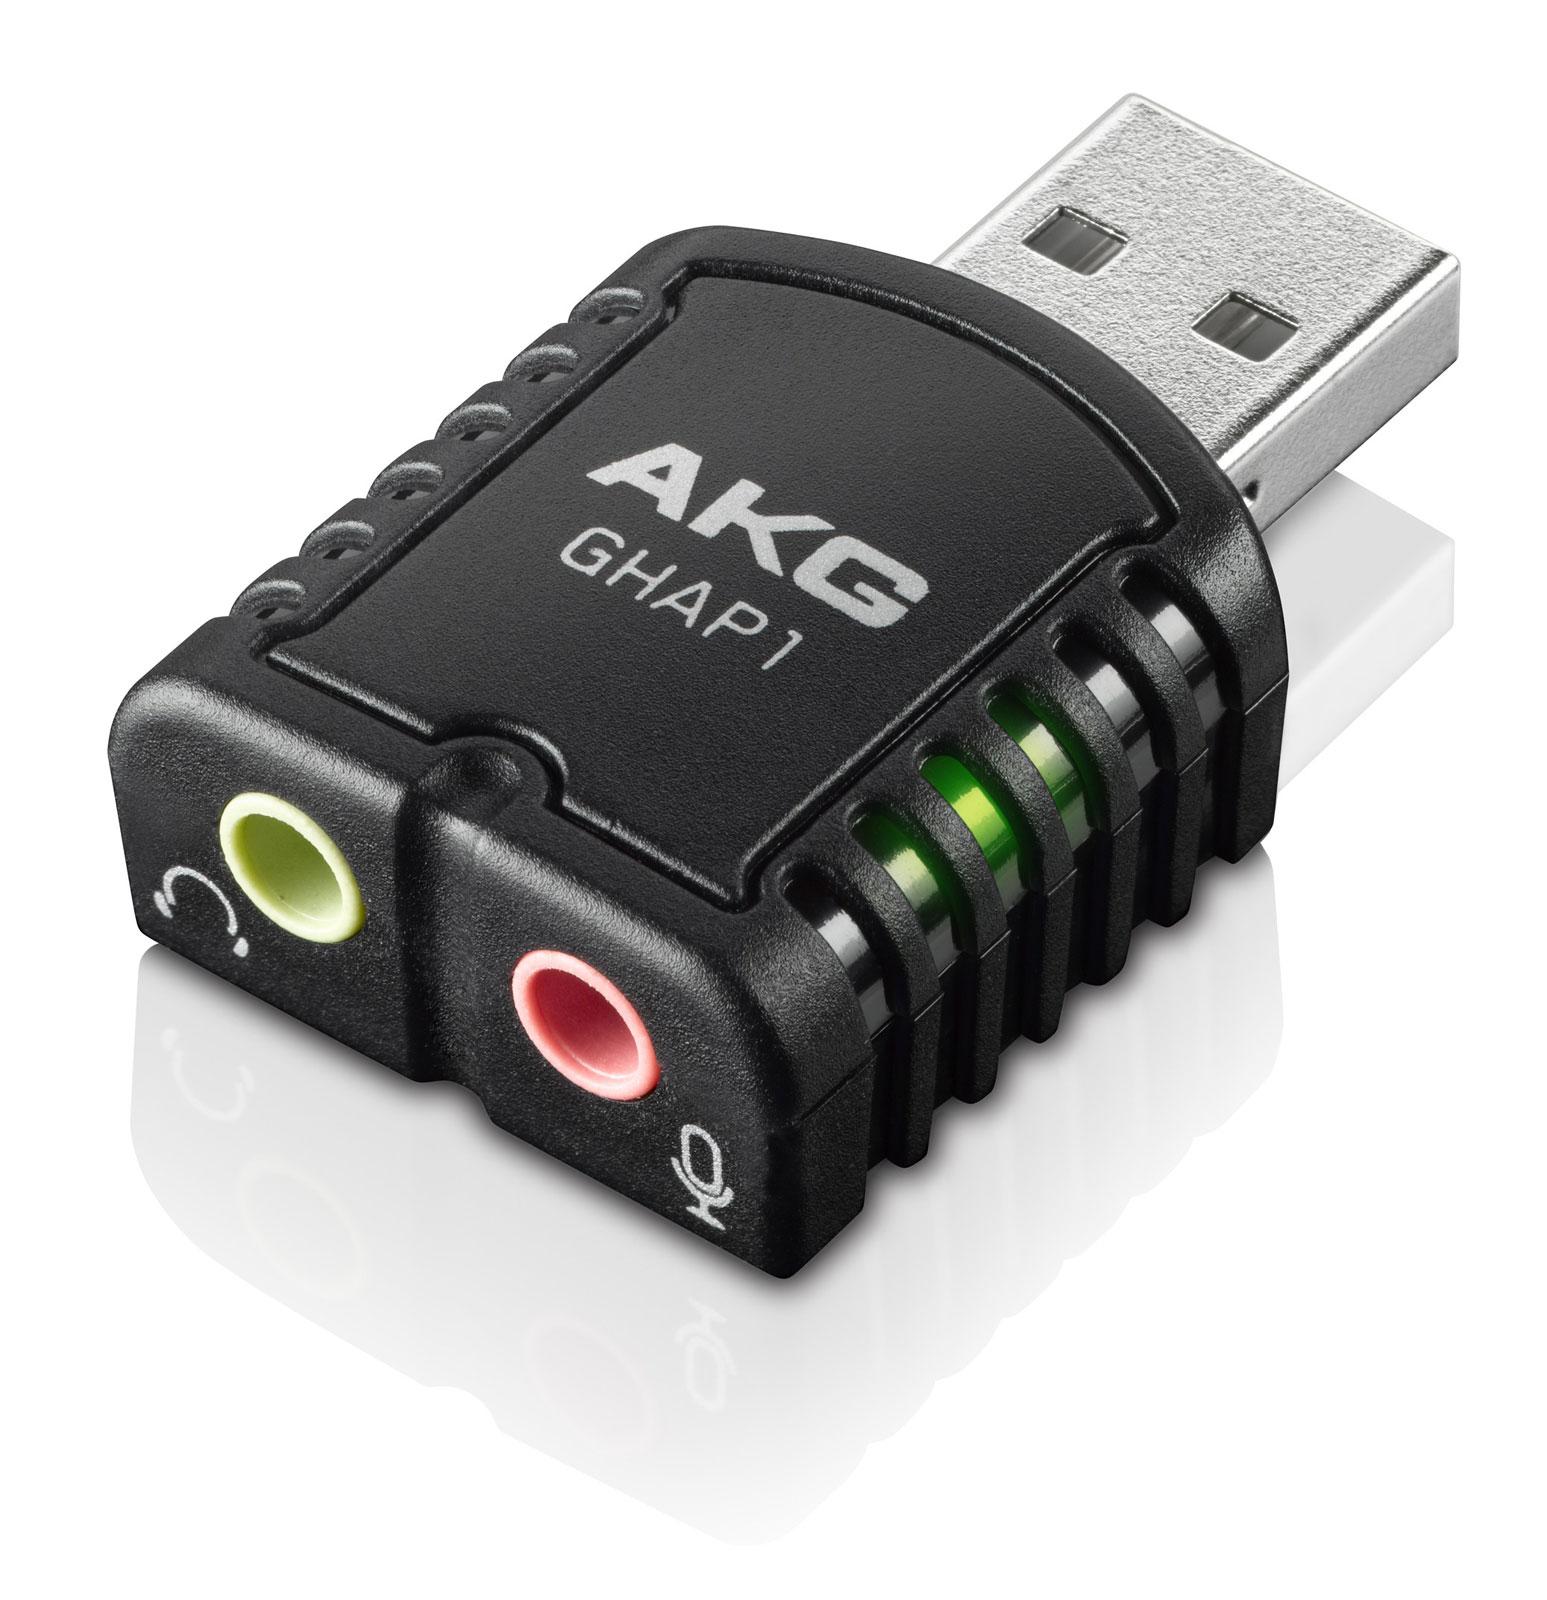 akg ghap1 adaptateur usb micro et casque cables adaptateurs connectique achat en ligne. Black Bedroom Furniture Sets. Home Design Ideas